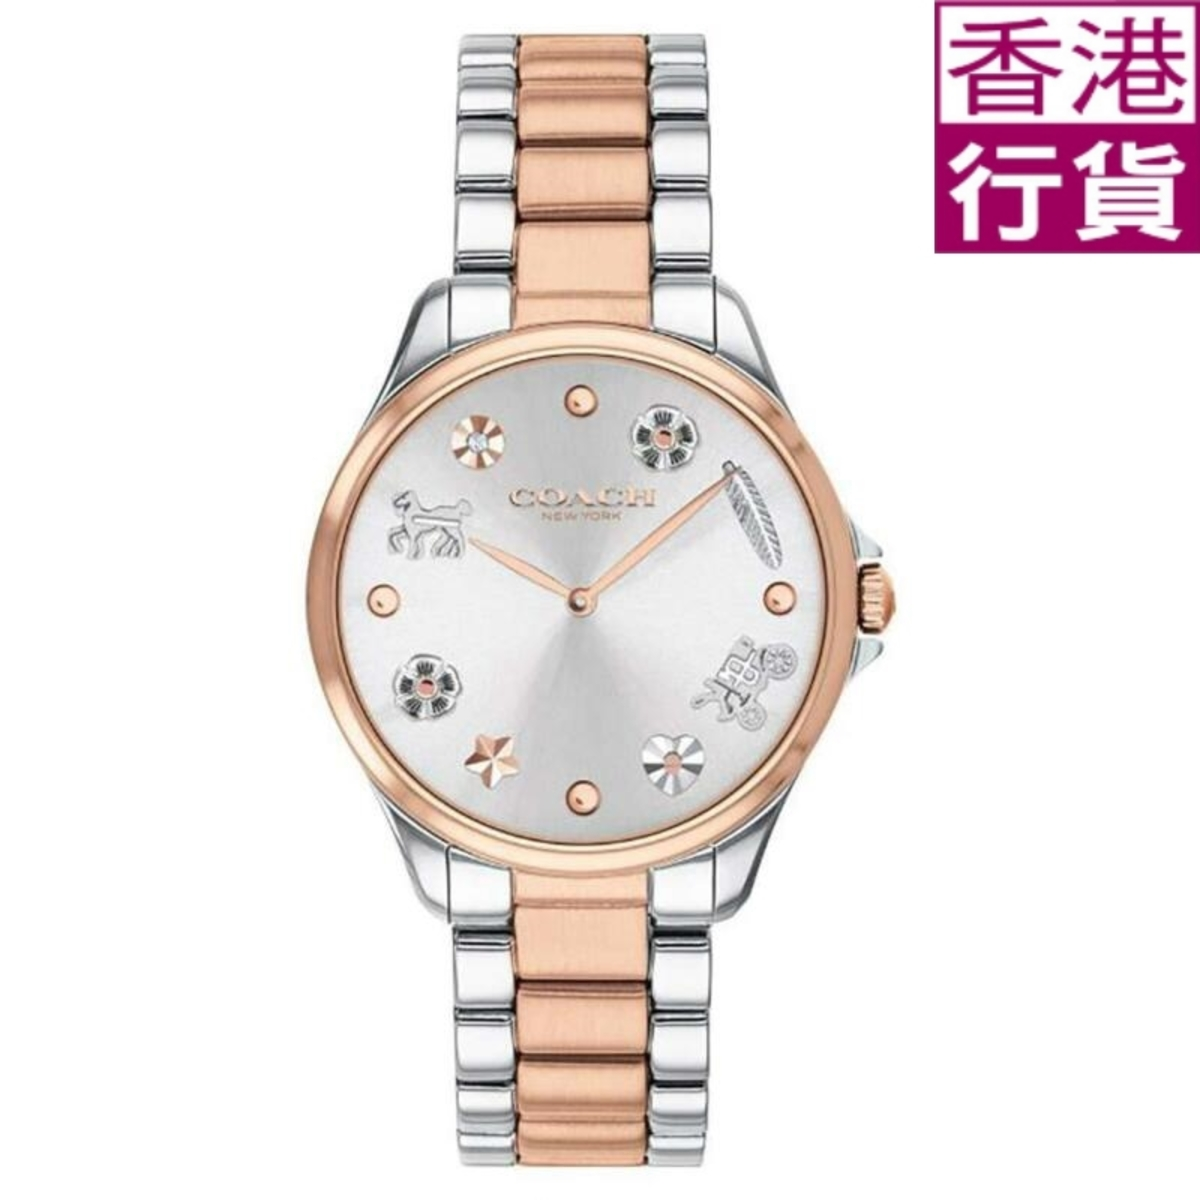 女裝腕錶 香港行貨 <2年原廠保養>14503065